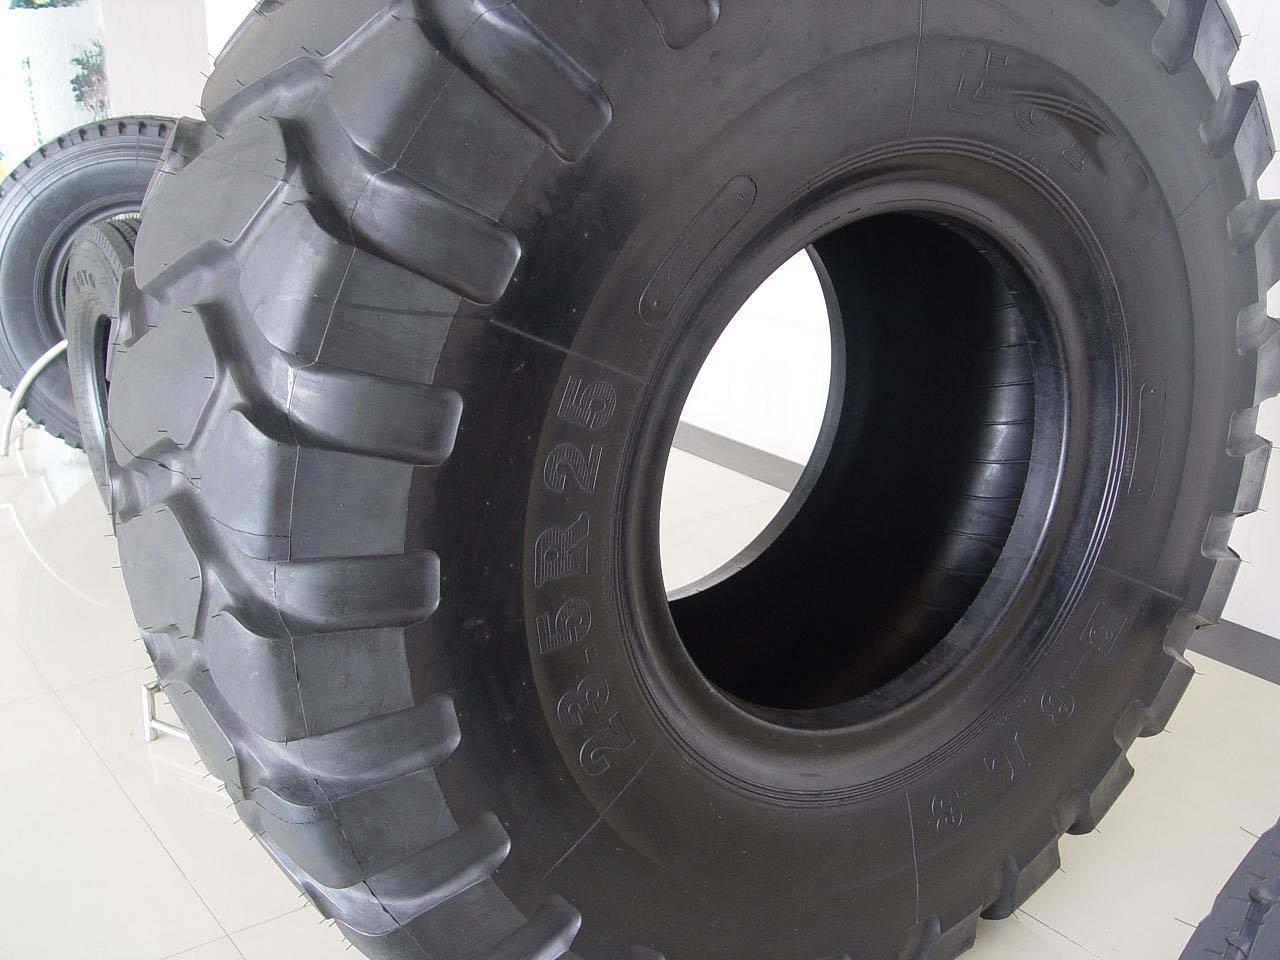 Radial OTR Tyre, OTR Tire (29.5R29 29.5R25 26.5R25, 23.5R25, 20.5R25, 17.5R25 etc)